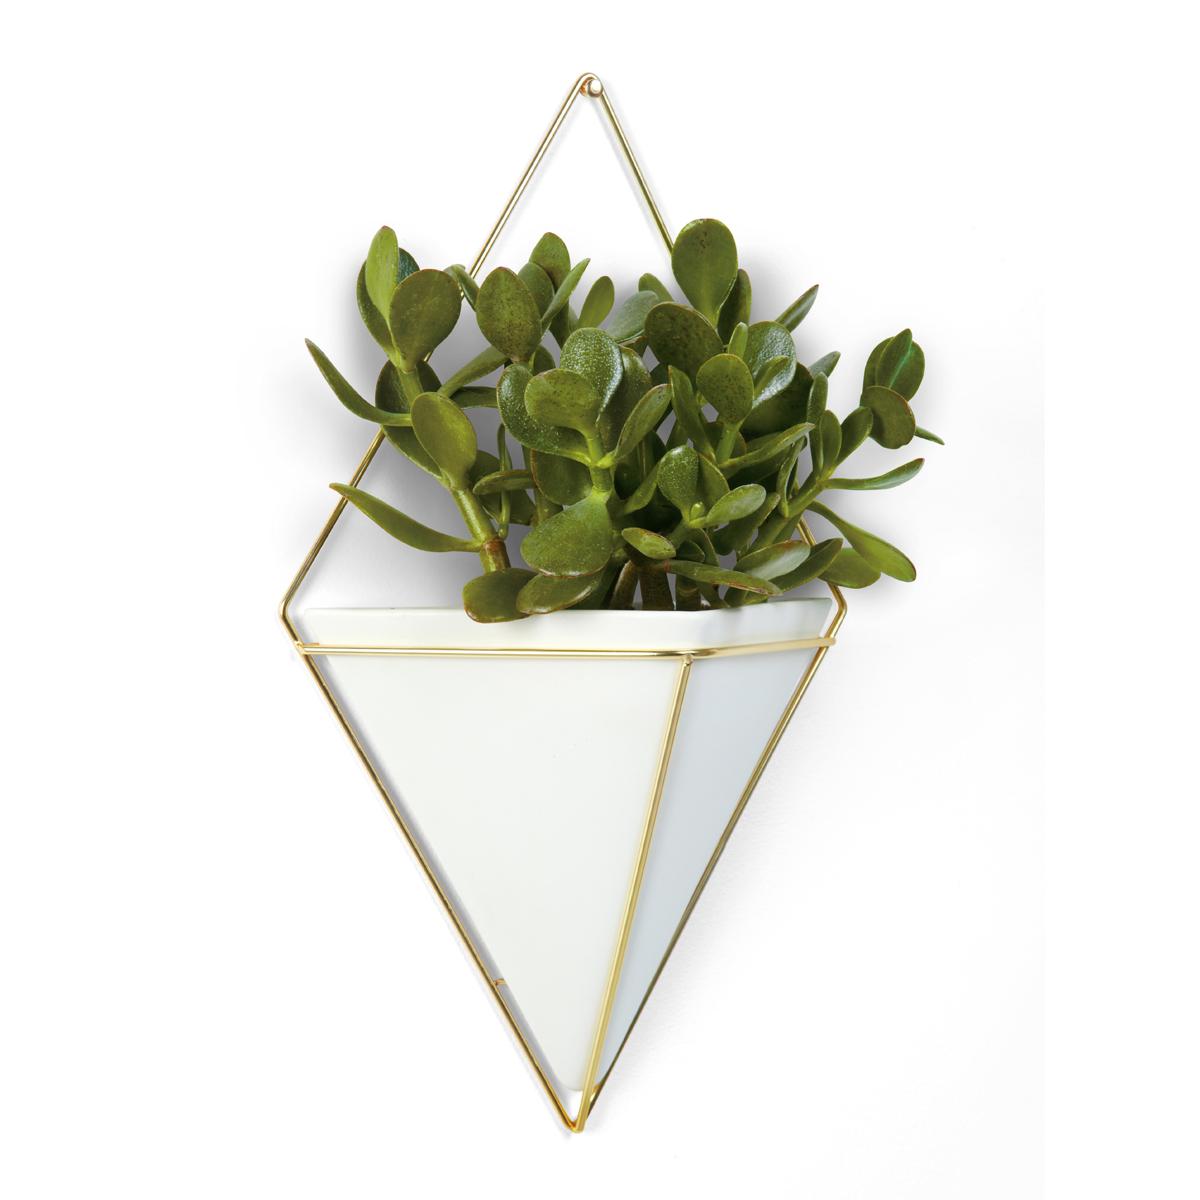 Декоративное украшение Umbra Trigg, настенное, цвет: белый470752-524Строгие геометрические формы не ограничивают воображение, а наоборот, вдохновляют на творчество и создание неповторимых интерьеров. Такой просто и такой эффектный декор сочетает в себе красоту и функциональность: в керамический треугольник можно поместить разные канцелярские мелочи, косметические принадлежности - можно даже использовать его как кашпо! Он вешается на любой гвоздик или вешалку и отлично сочетается с другими декорами, картинами и постерами.